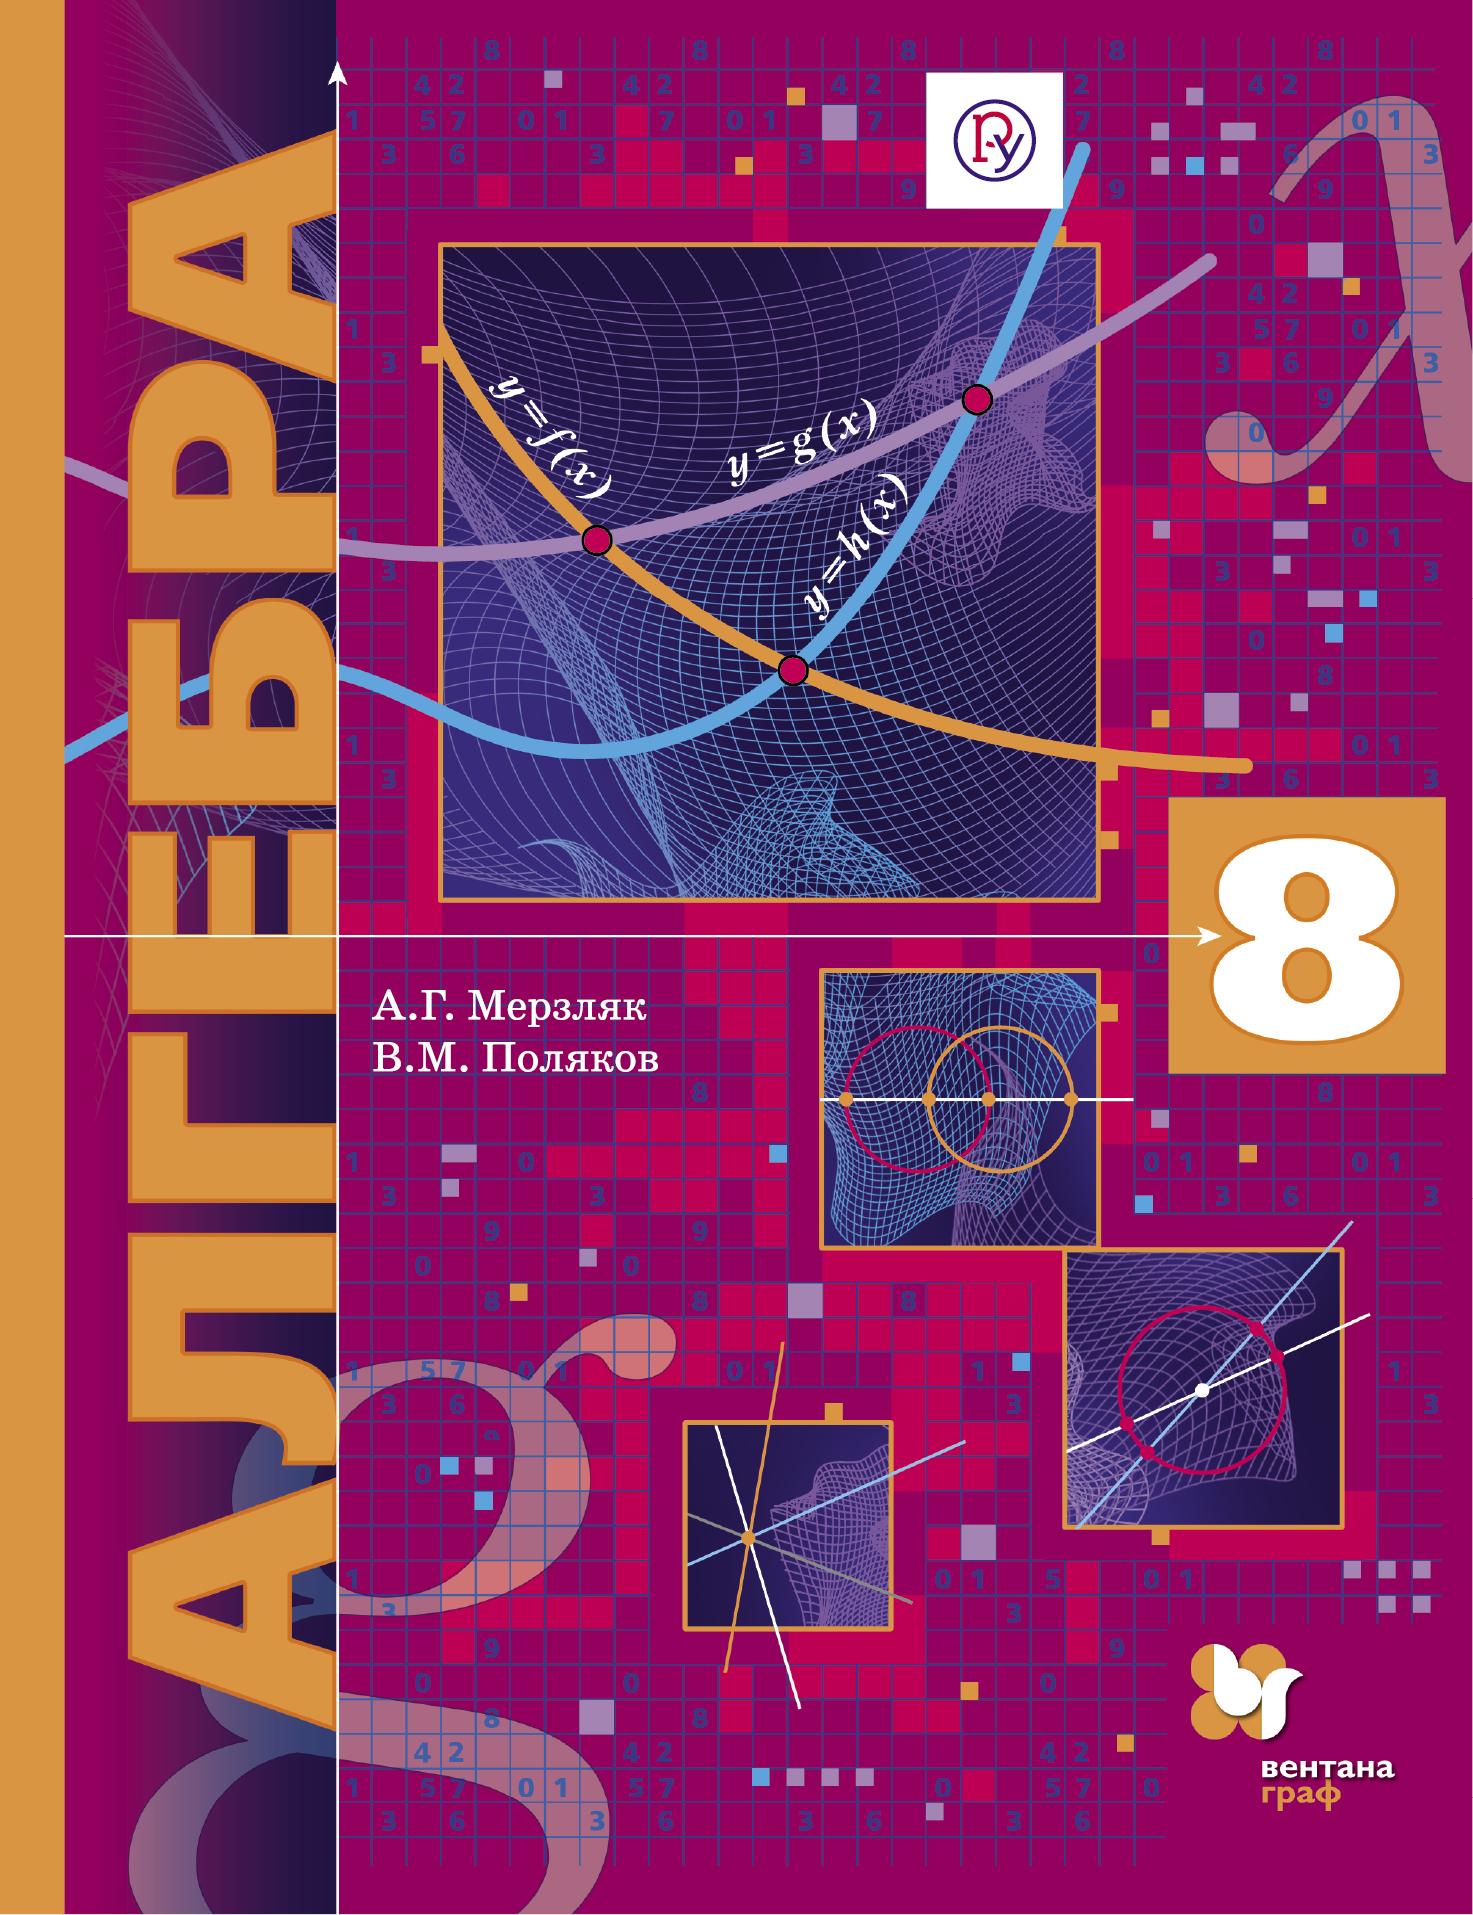 Мерзляк А.Г., Поляков В.М. Алгебра (углубленное изучение). 8класс. Учебник. алгебра 8 класс учебник фгос